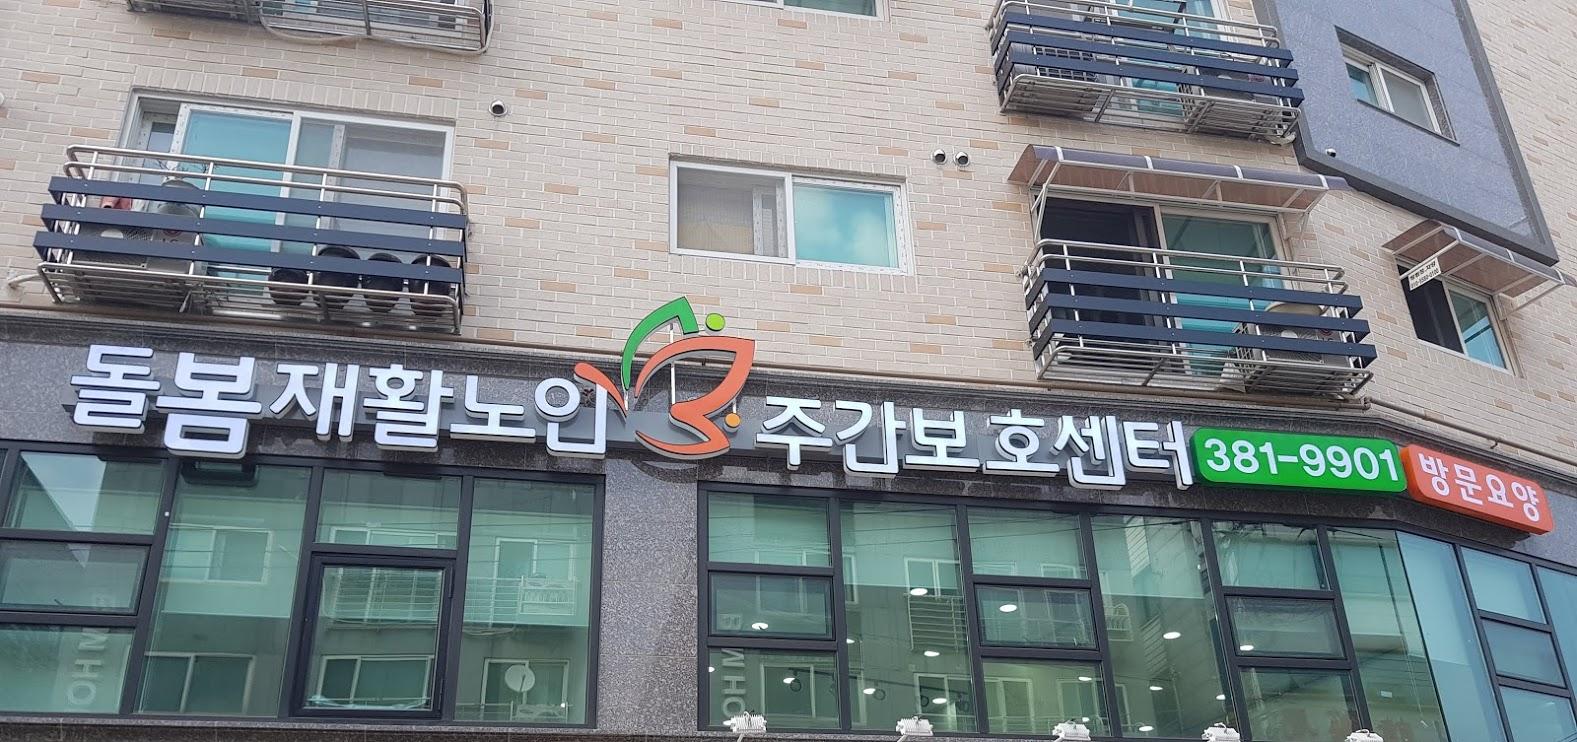 안양 돌봄재활노인주야간보호센터 납품